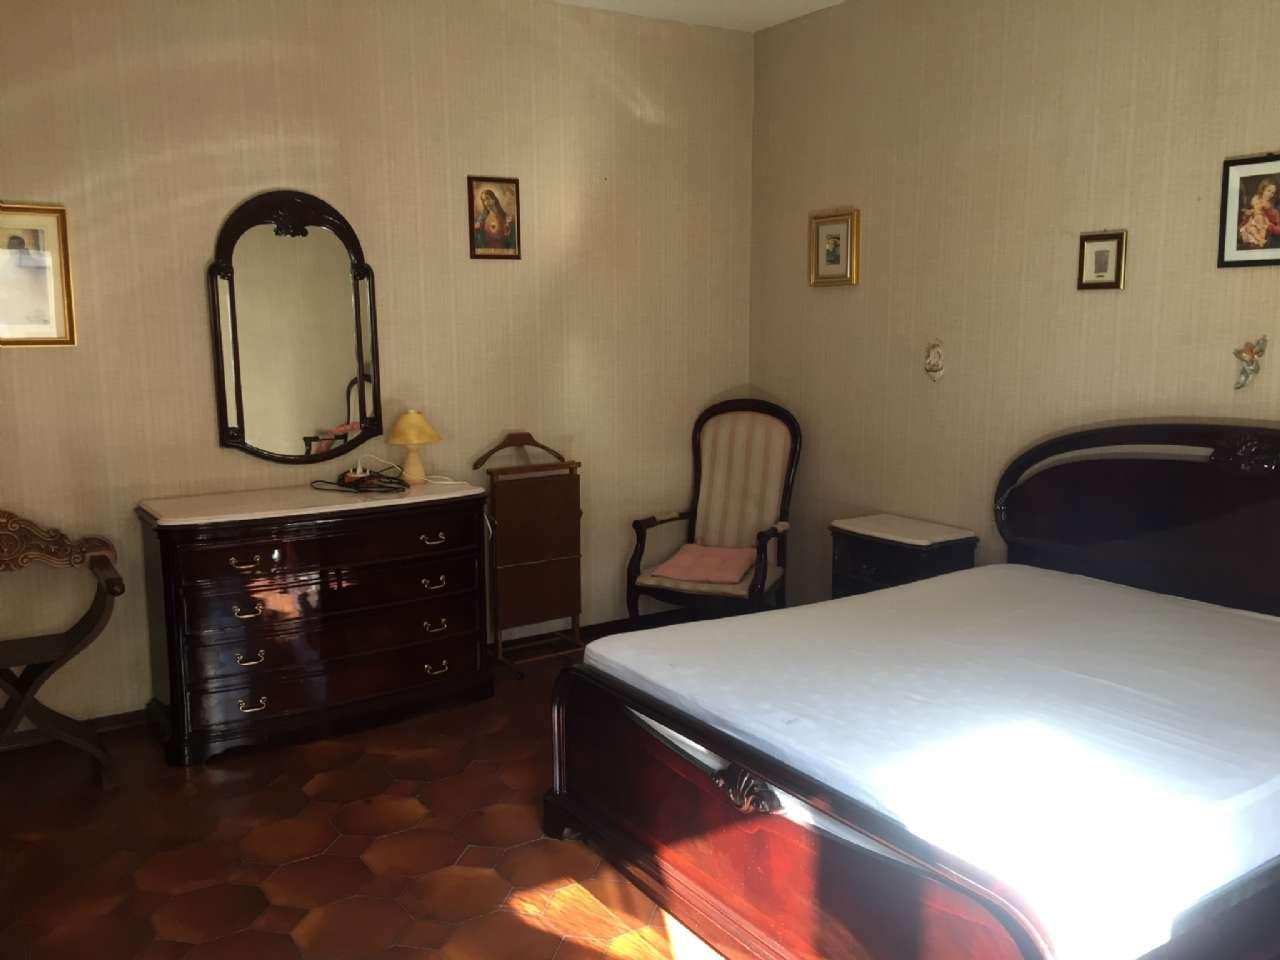 Quadrilocale, Via Ercole Bernabei, zona Malaspina, Palermo, foto 6